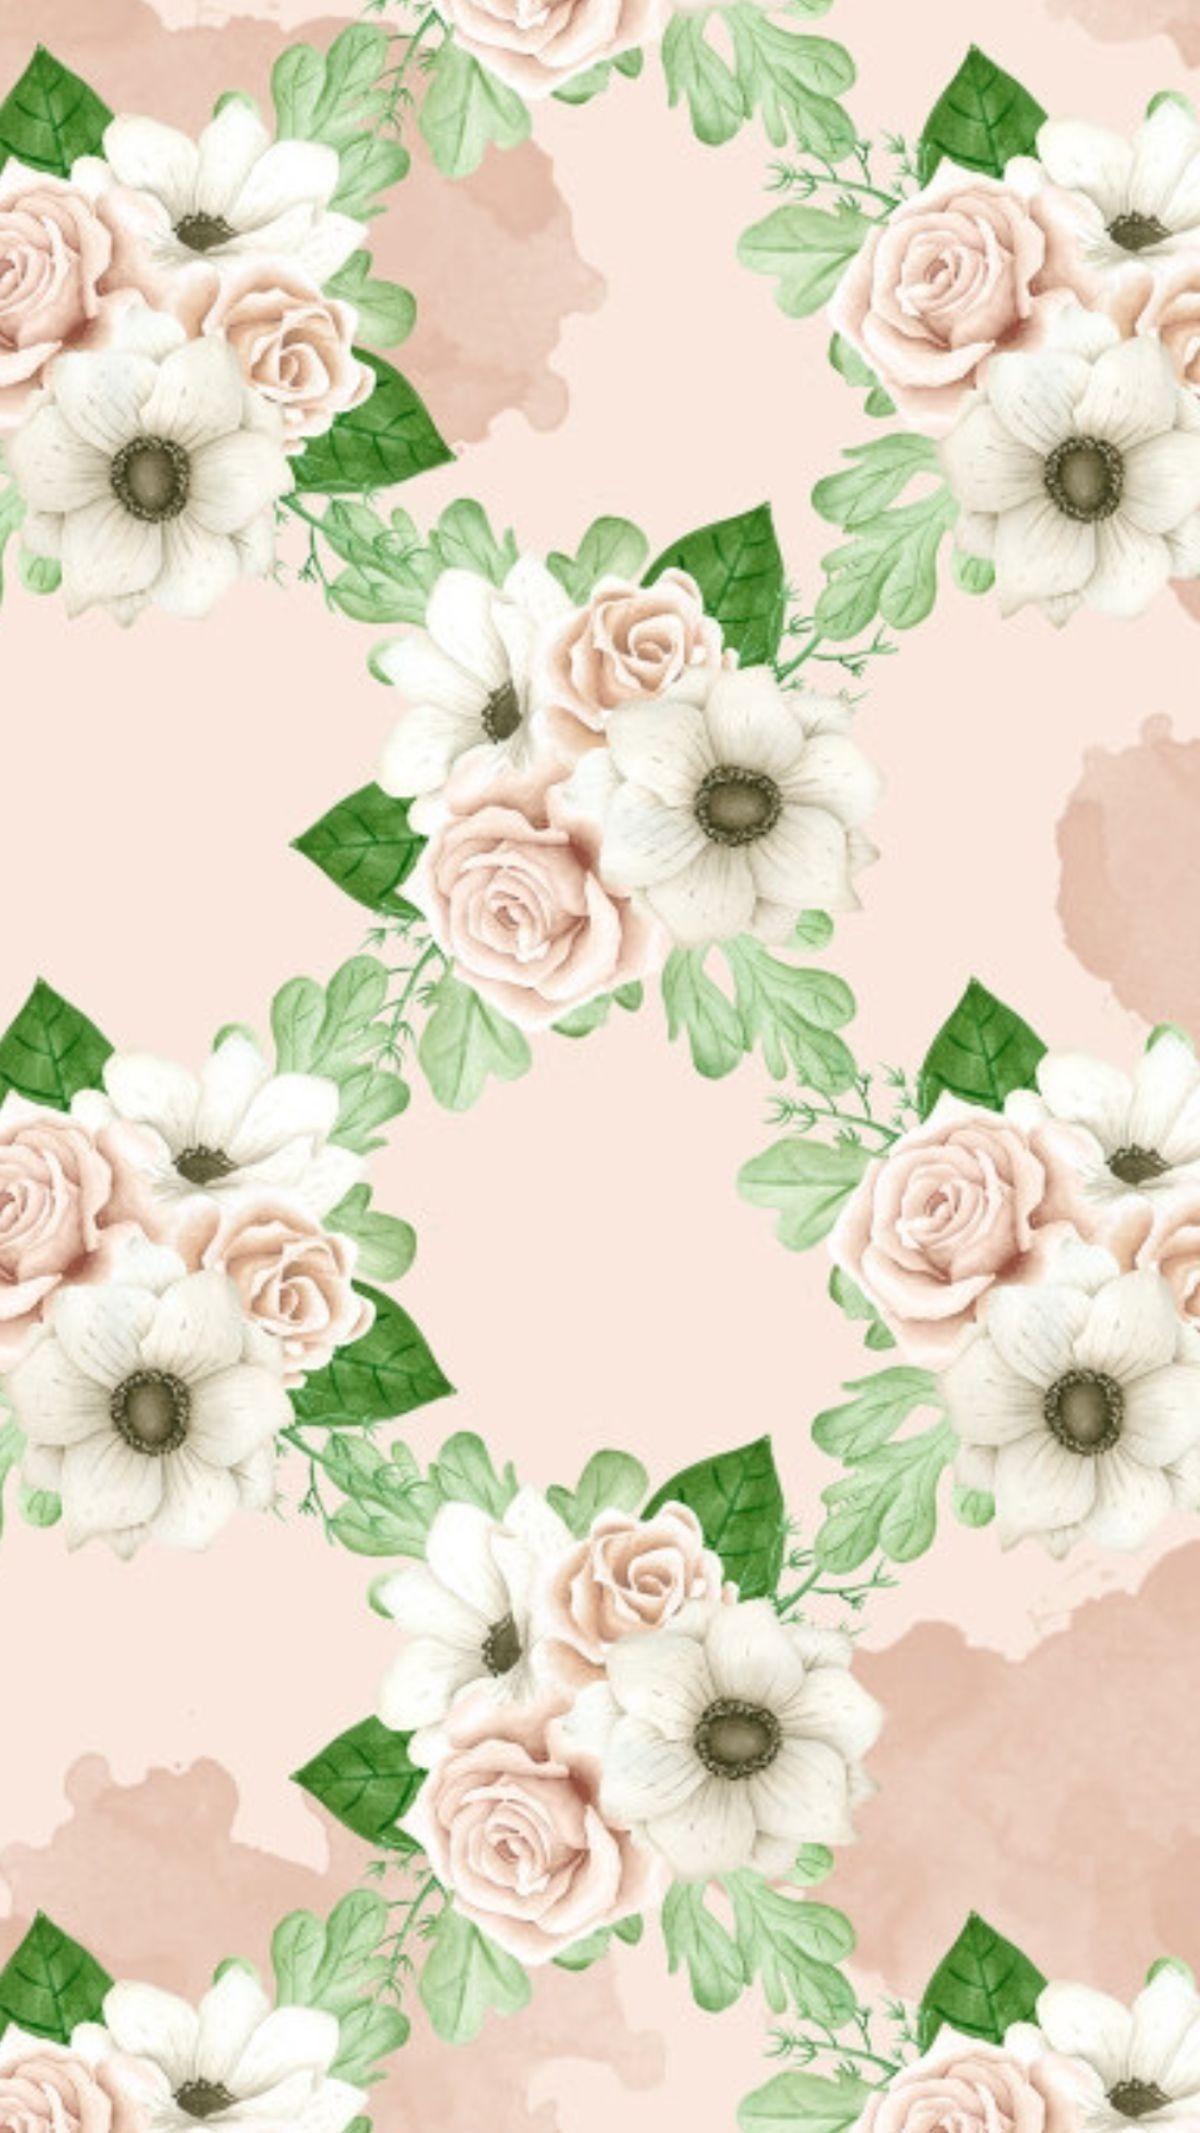 Pin by Анэтта on Цветы цветочный фон Pinterest